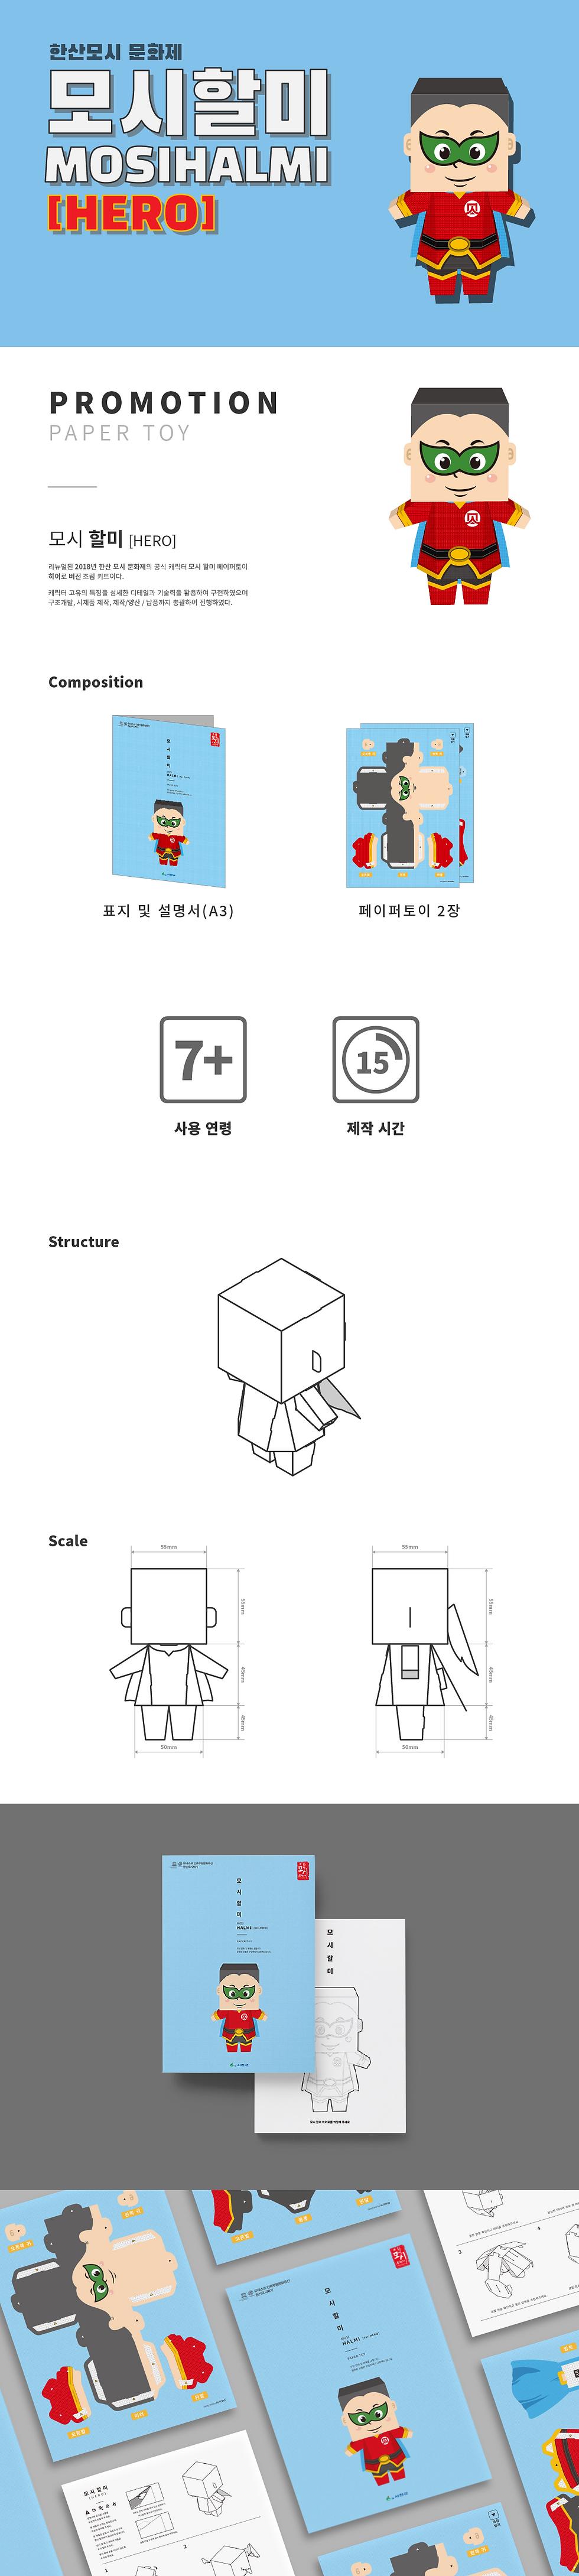 02-25. [2018] 한산모시 문화제 모시할미_히어로형_상세페이지.p